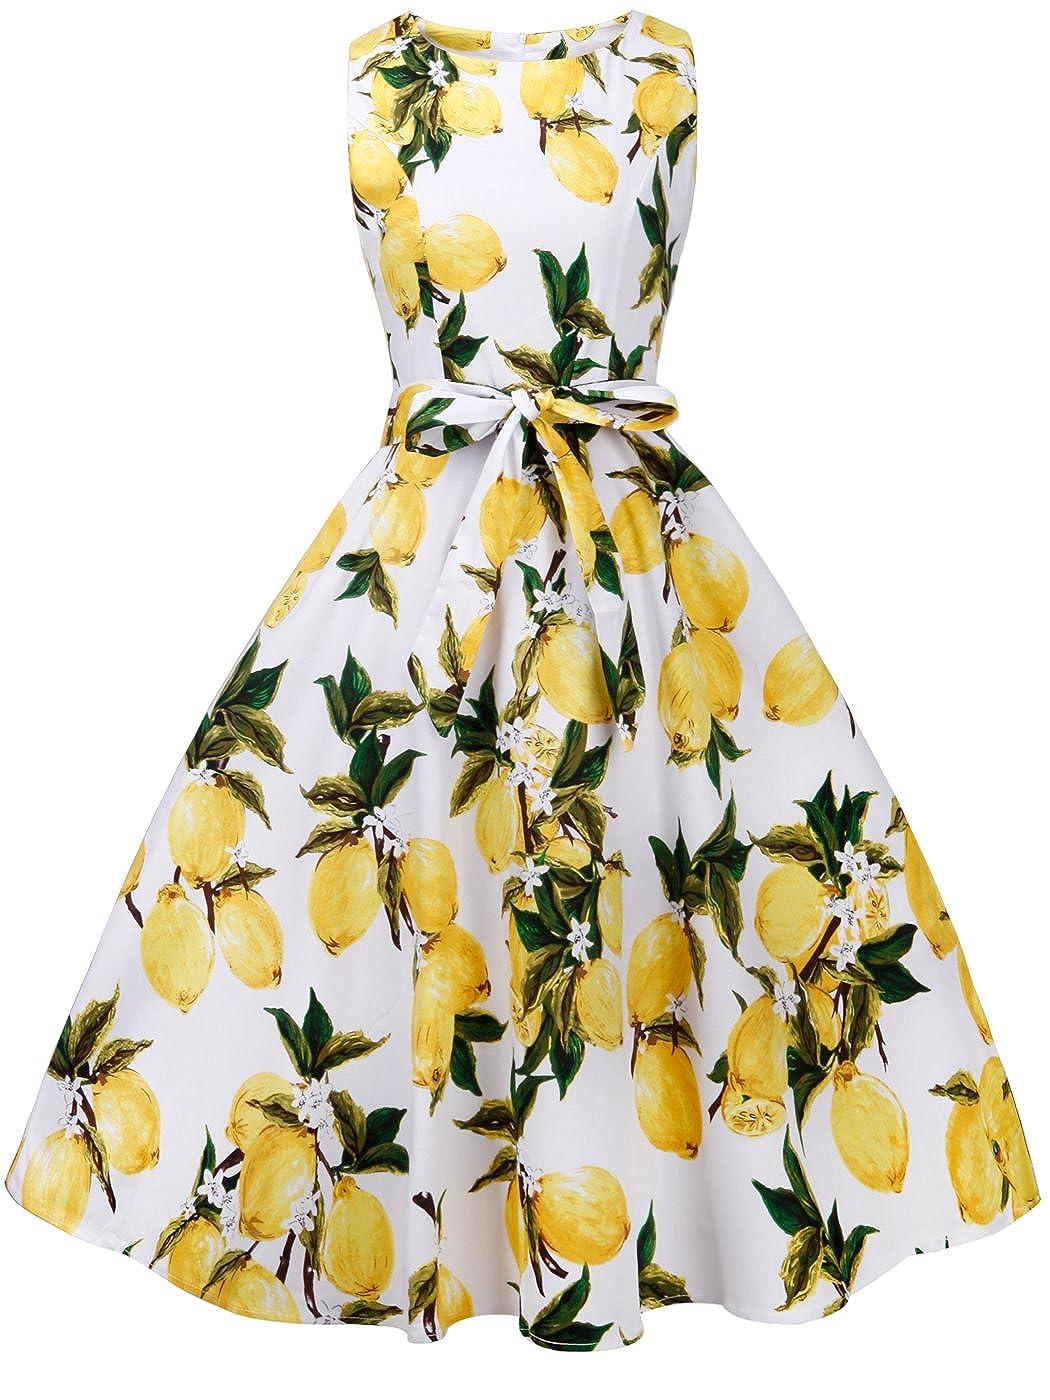 TALLA L. FAIRY COUPLE 50s Vestido de Partido Floral Retro del Oscilación del Cóctel del Vintage con el Arco DRT017 Frutas Amarillas Blancas